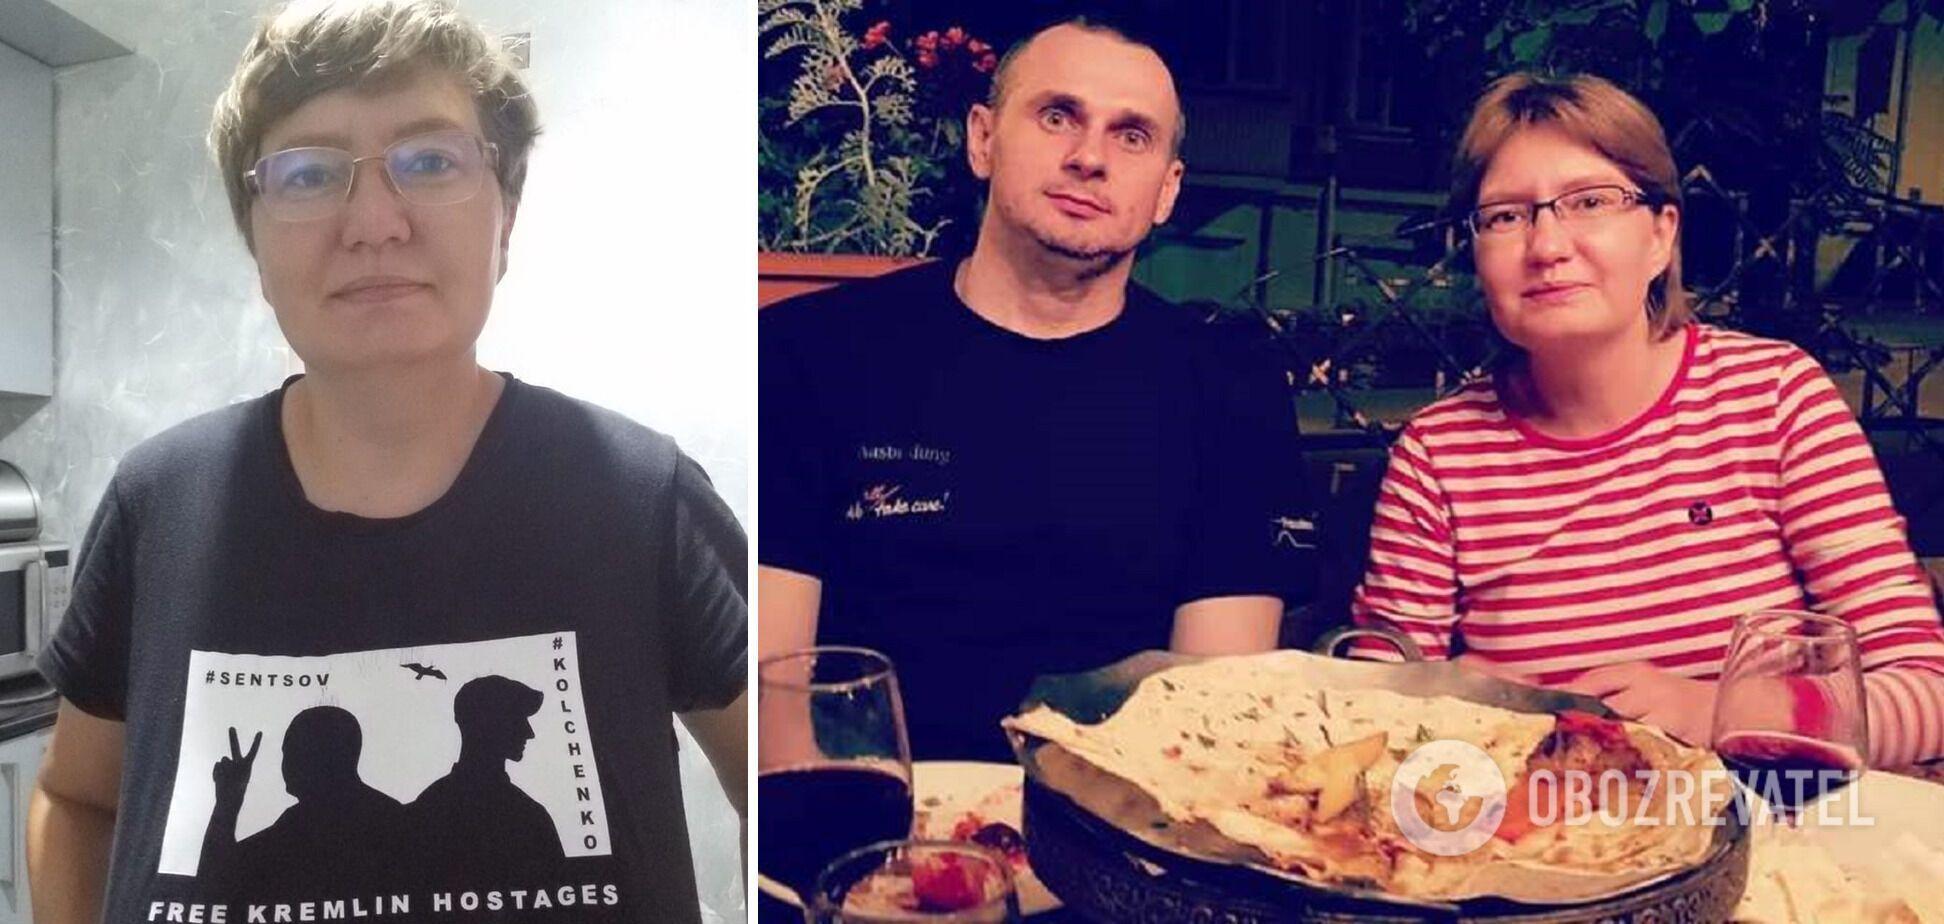 Наталья Каплан (Кочнева) – двоюродная сестра Олега Сенцова